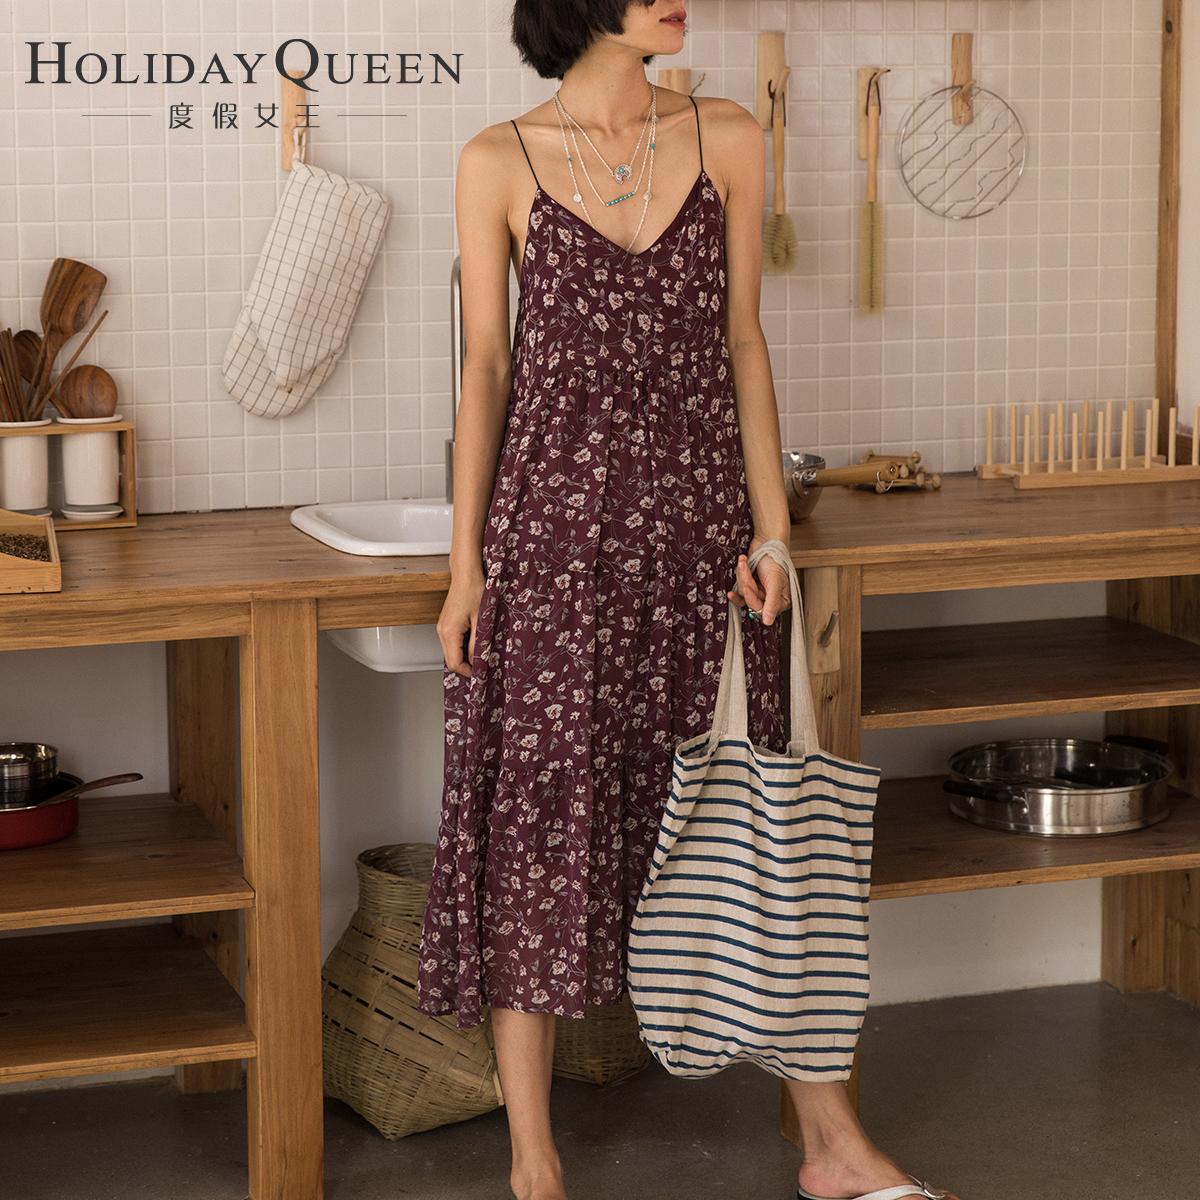 度假女王波西米亚沙滩裙碎花连衣裙宽松吊带裙荷叶边大摆雪纺长裙